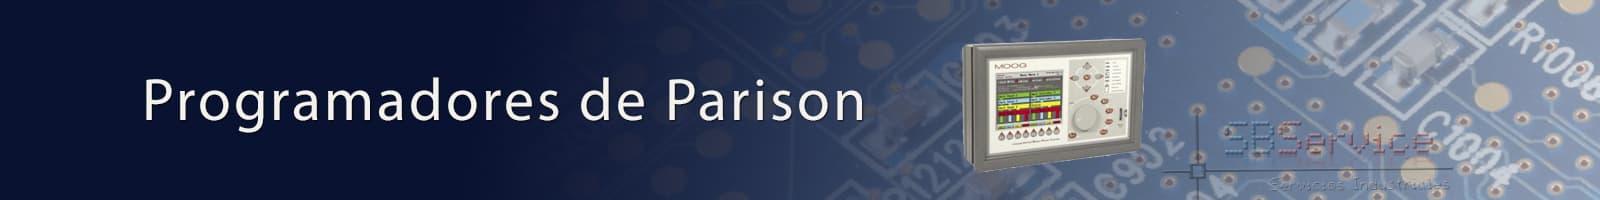 banner-parison